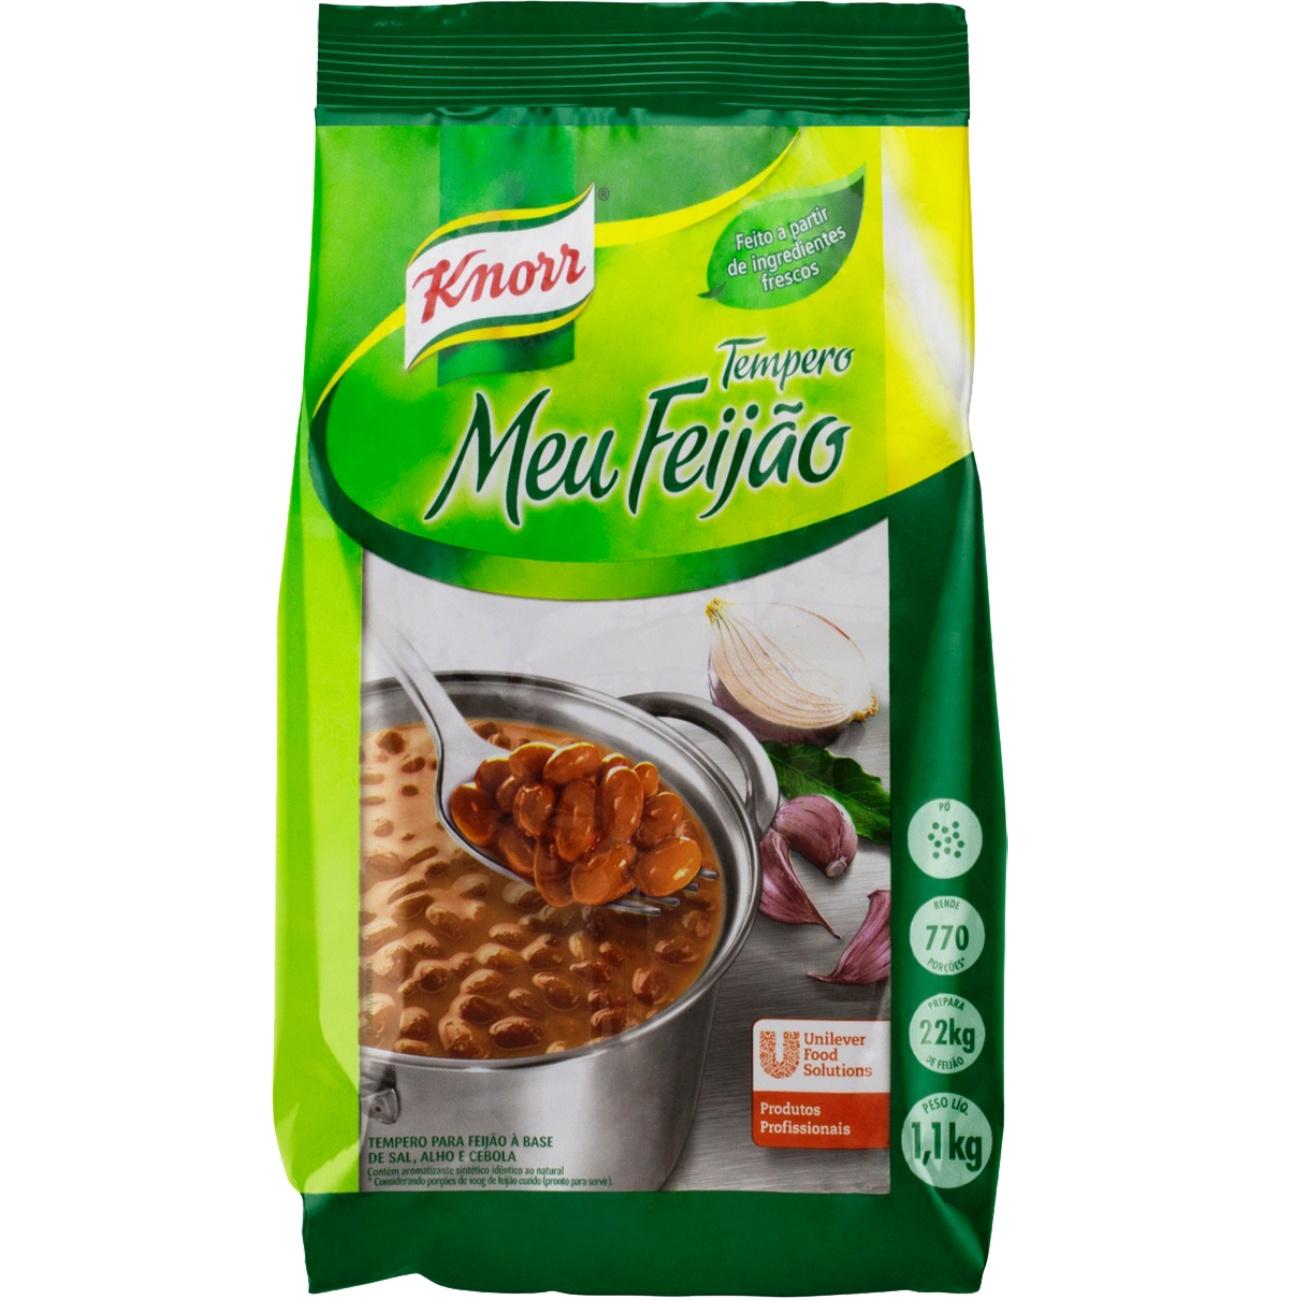 Tempero Meu Feijão Knorr 1,1Kg